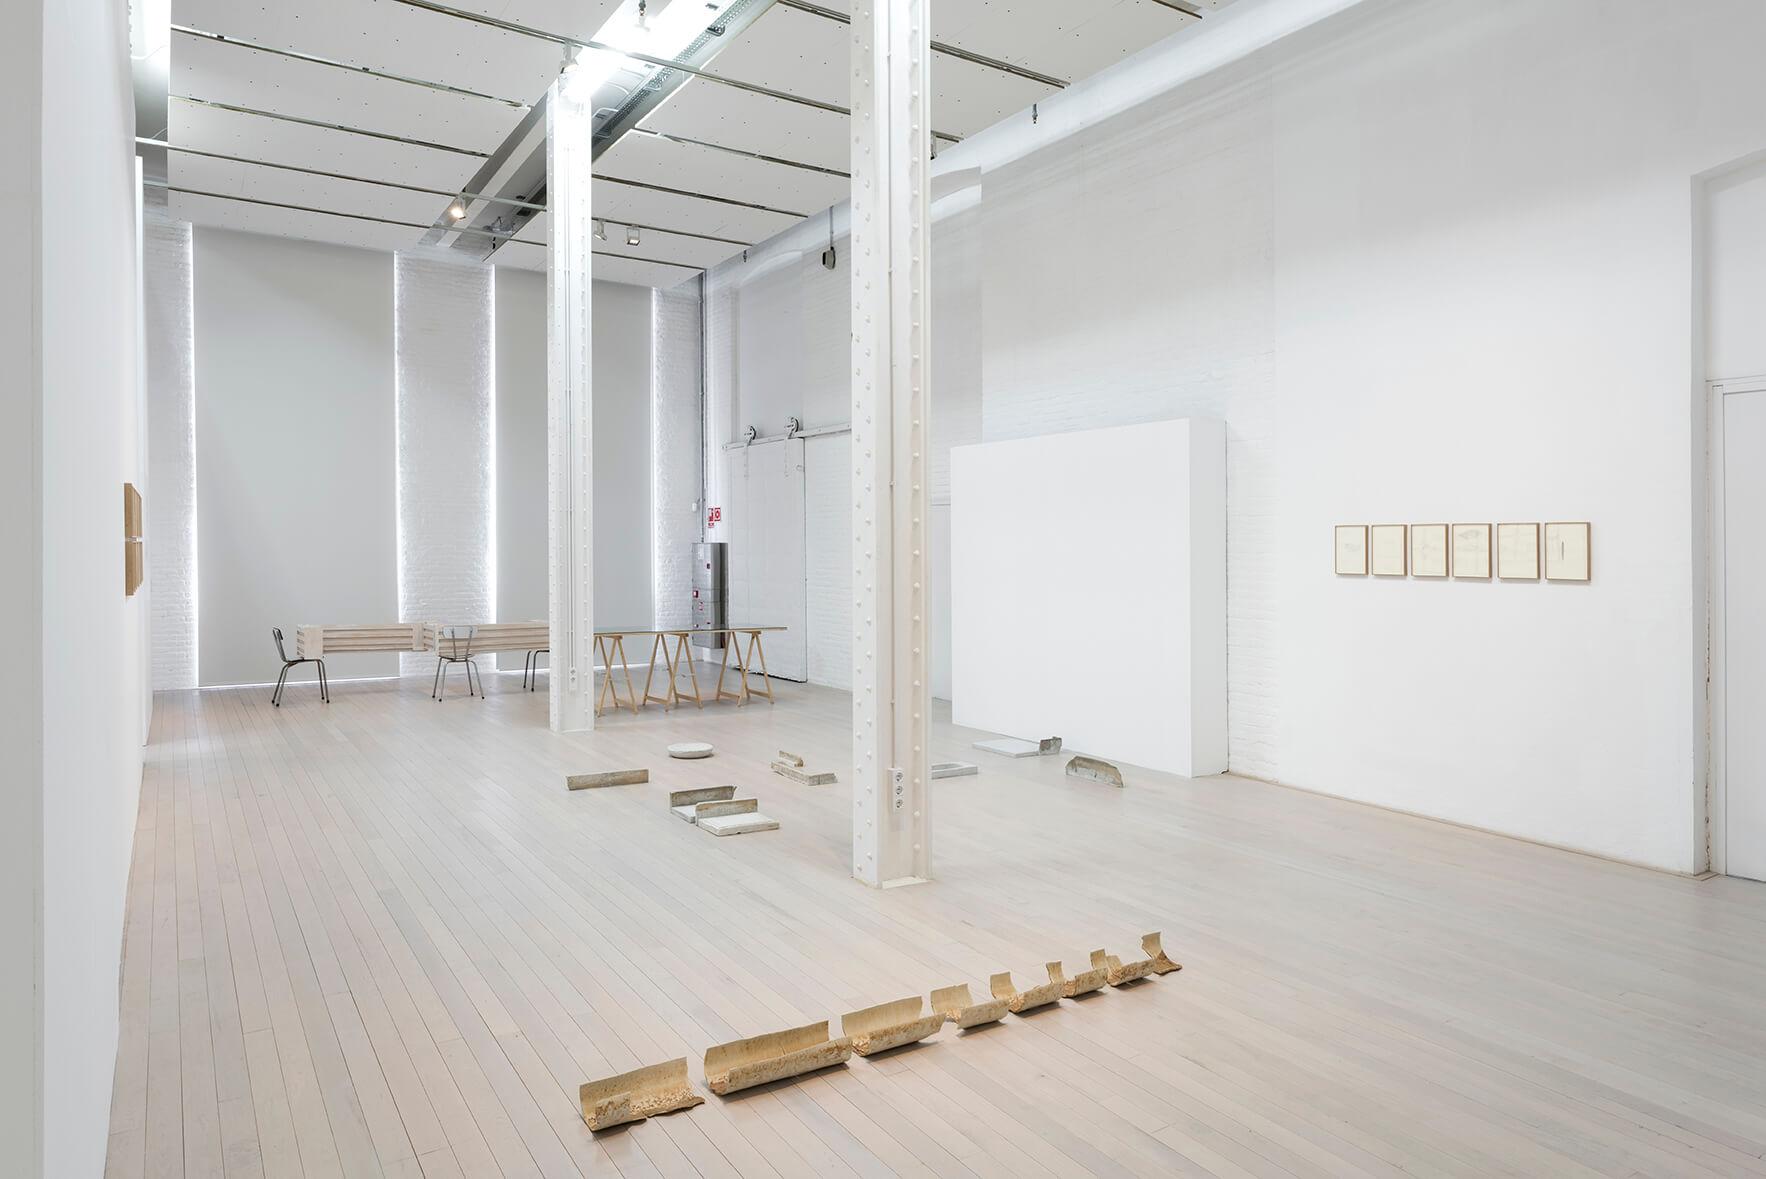 Exhibition view: Matèria Primera, Fabra i Coats, Centre d'Art Contemporani, Barcelona, 2018 |  | ProjecteSD